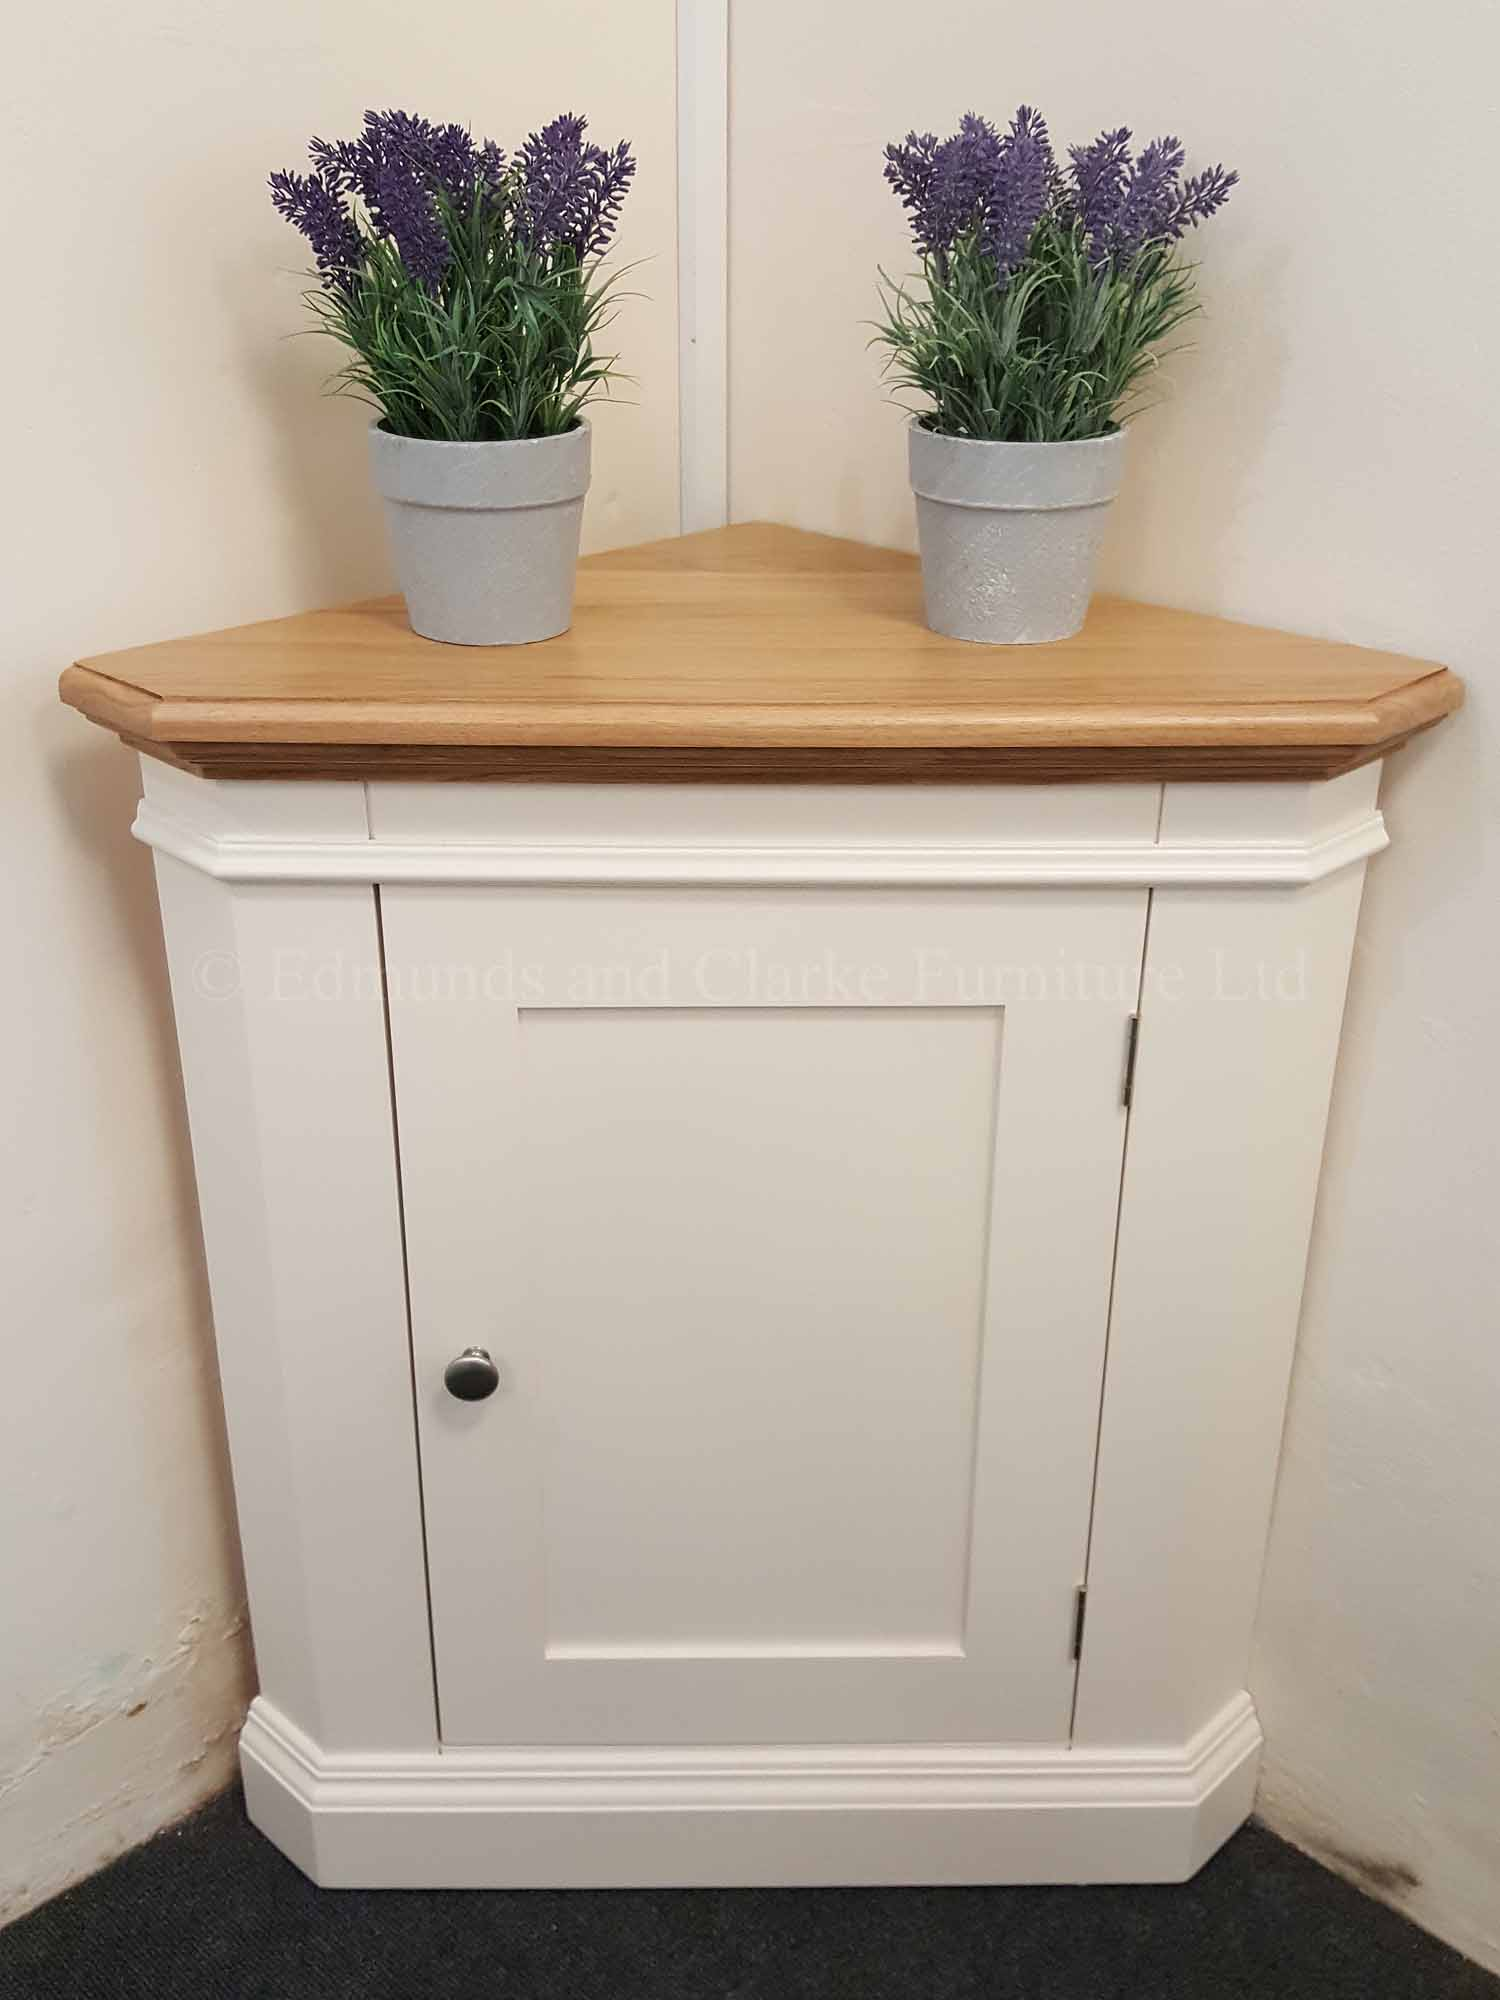 Painted low edmunds corner cupboard with single door oak top